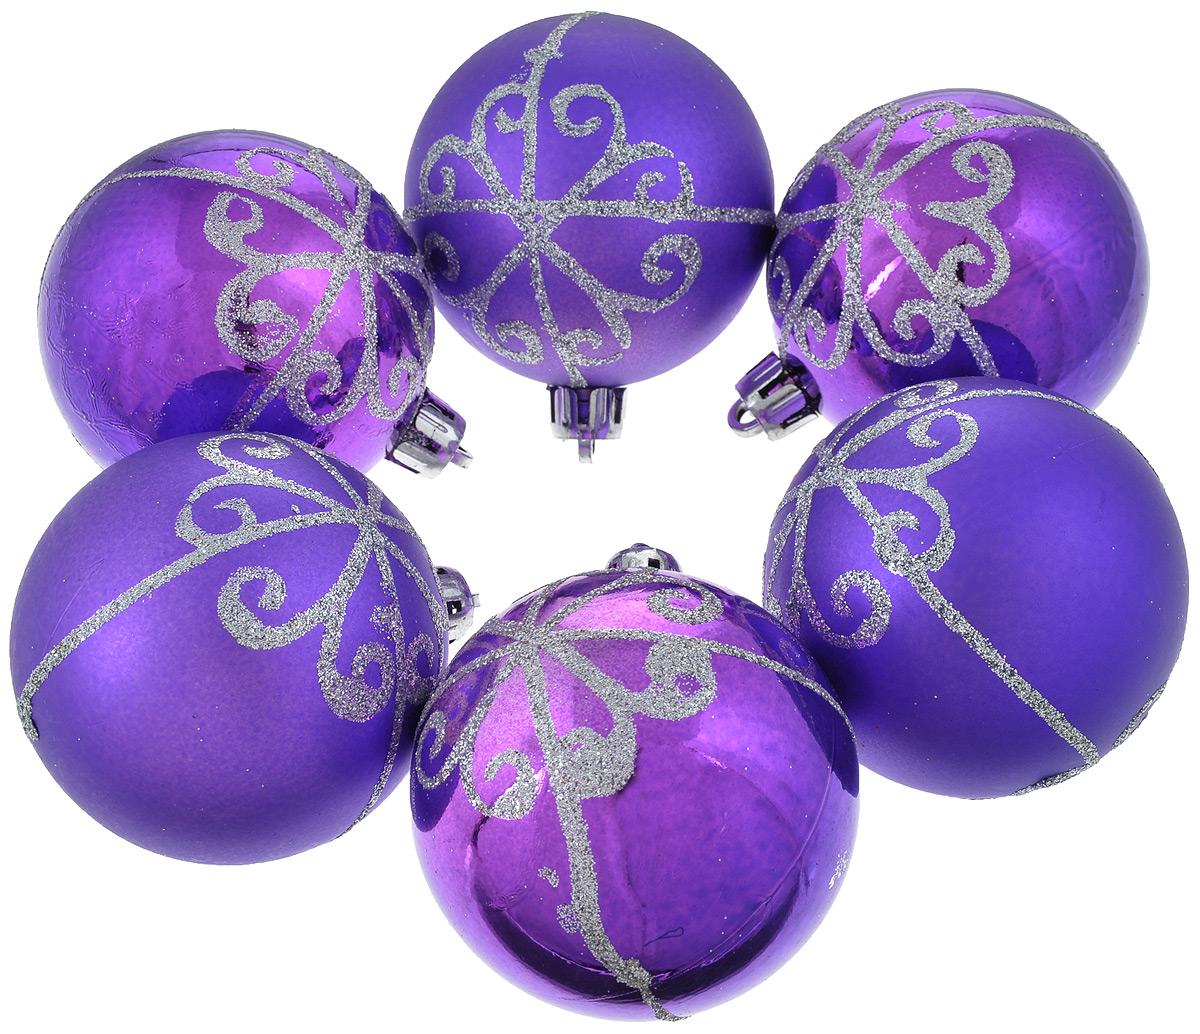 Набор новогодних подвесных украшений Феникс-Презент Шары, цвет: фиолетовый, диаметр 6 см, 6 шт35488_фиолетовыйНабор новогодних подвесных украшений Феникс-презент Шары прекрасно подойдет для праздничного декора вашей ели. Набор состоит из 6 пластиковых украшений в виде матовых и глянцевых шаров, декорированных блестками. Для удобного размещения на елке для каждого украшения предусмотрена текстильная петелька. Елочная игрушка - символ Нового года. Она несет в себе волшебство и красоту праздника. Создайте в своем доме атмосферу веселья и радости, украшая новогоднюю елку нарядными игрушками, которые будут из года в год накапливать теплоту воспоминаний. Откройте для себя удивительный мир сказок и грез. Почувствуйте волшебные минуты ожидания праздника, создайте новогоднее настроение вашим дорогим и близким.